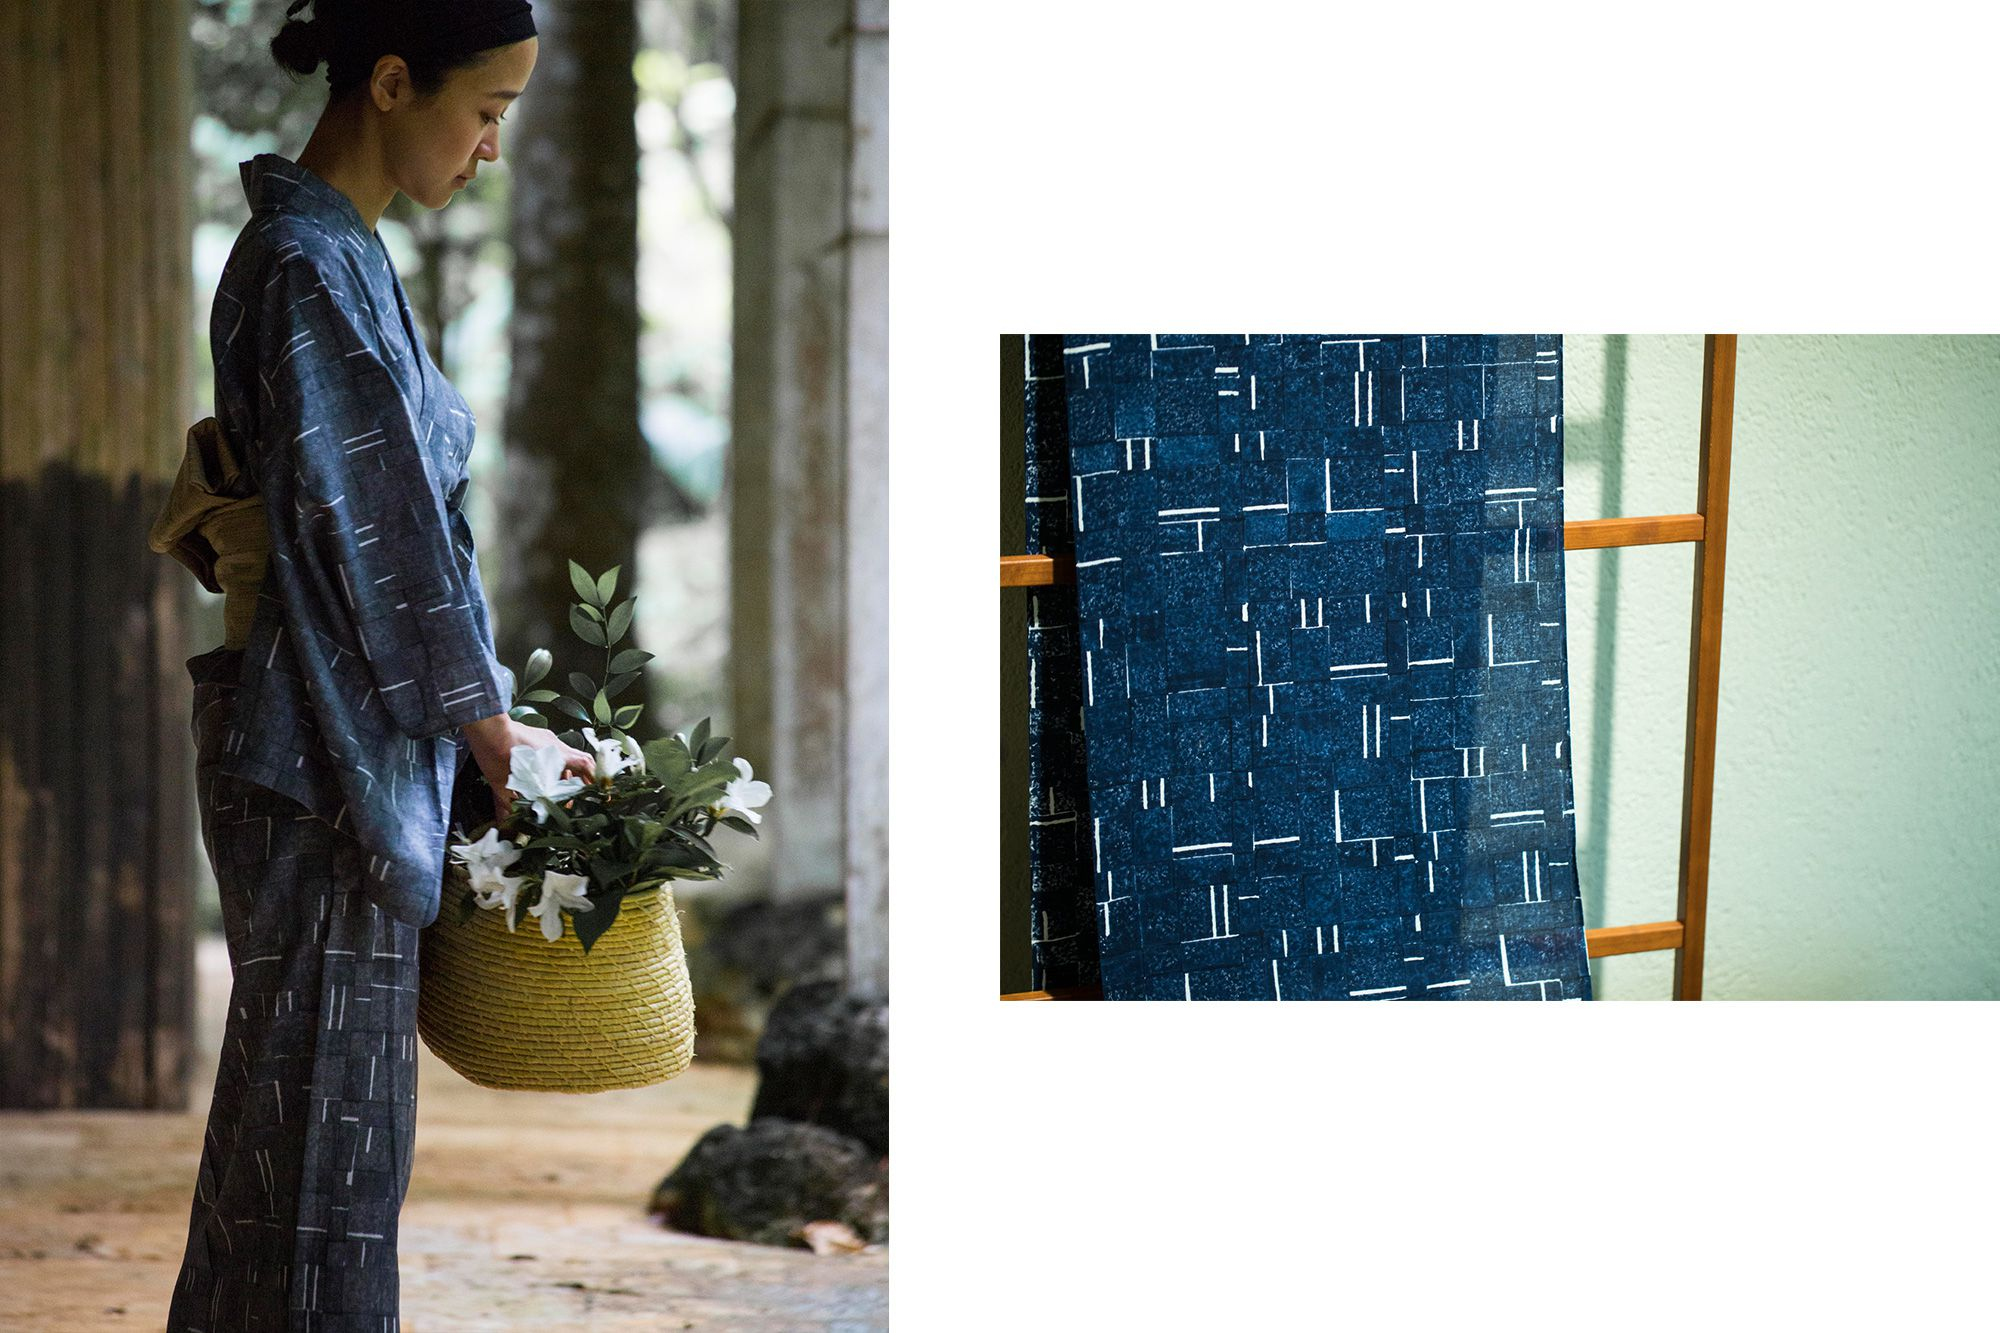 藍色や墨色と木綿地の白の対比が美しい幾何学模様のプリント。手押しの木版プリントならではの、自然なずれやかすれがユニークな表情を見せる。木版染(反物)54,000円(税込)